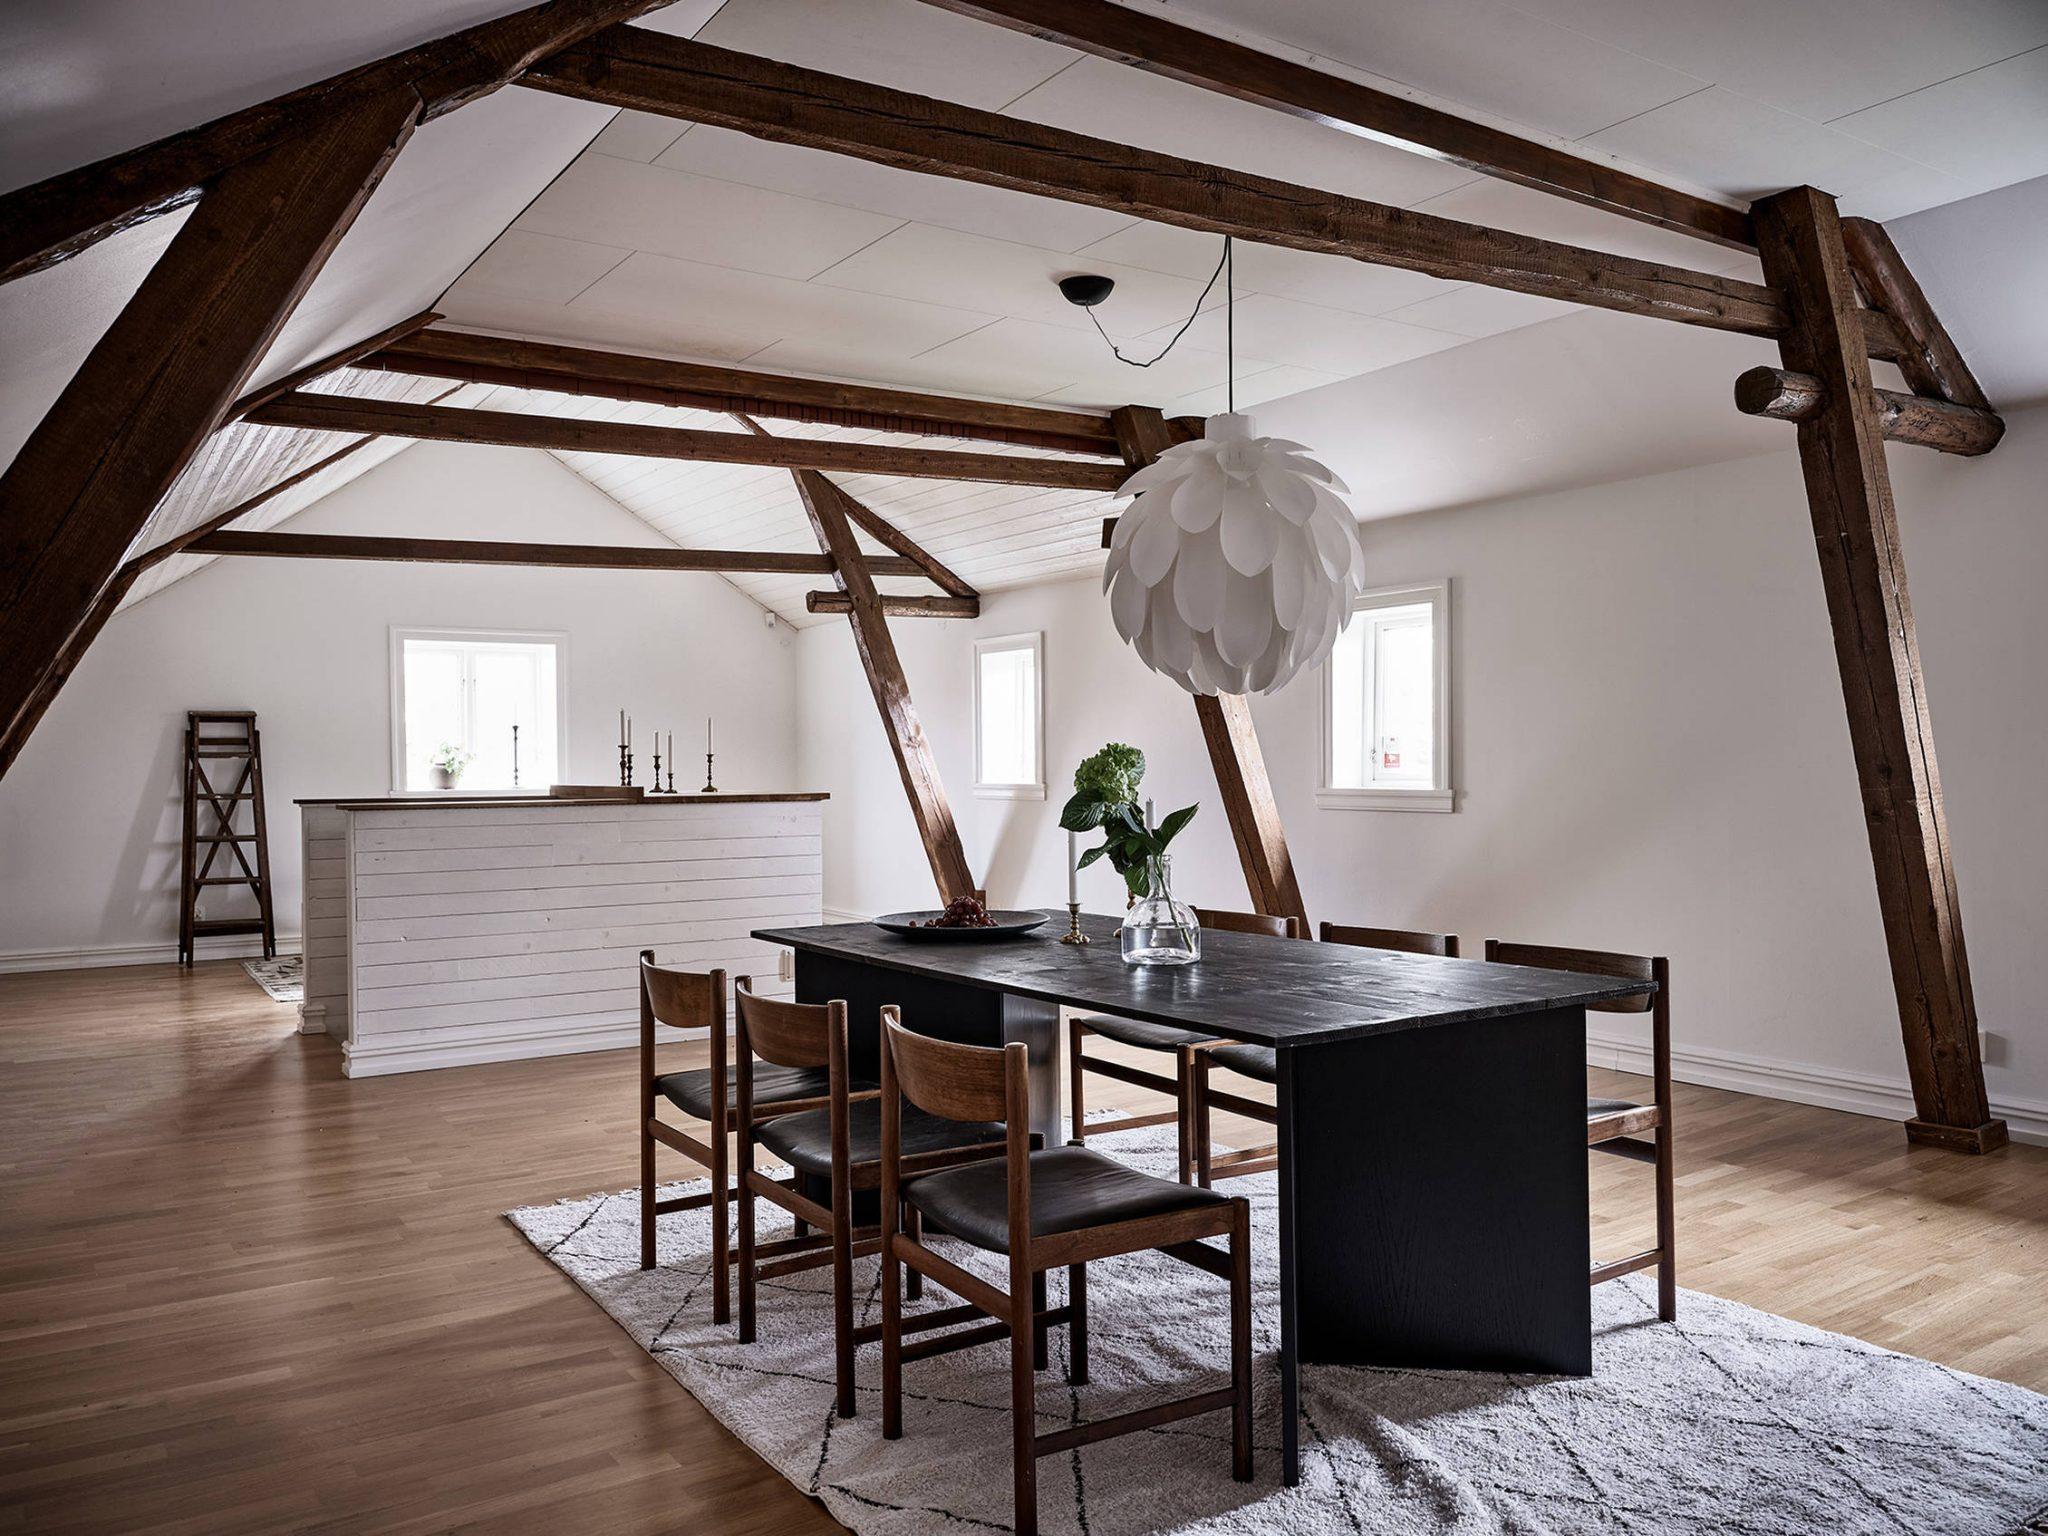 Tavan înclinat și decor rusti scandinav într o casă din Suedia 20